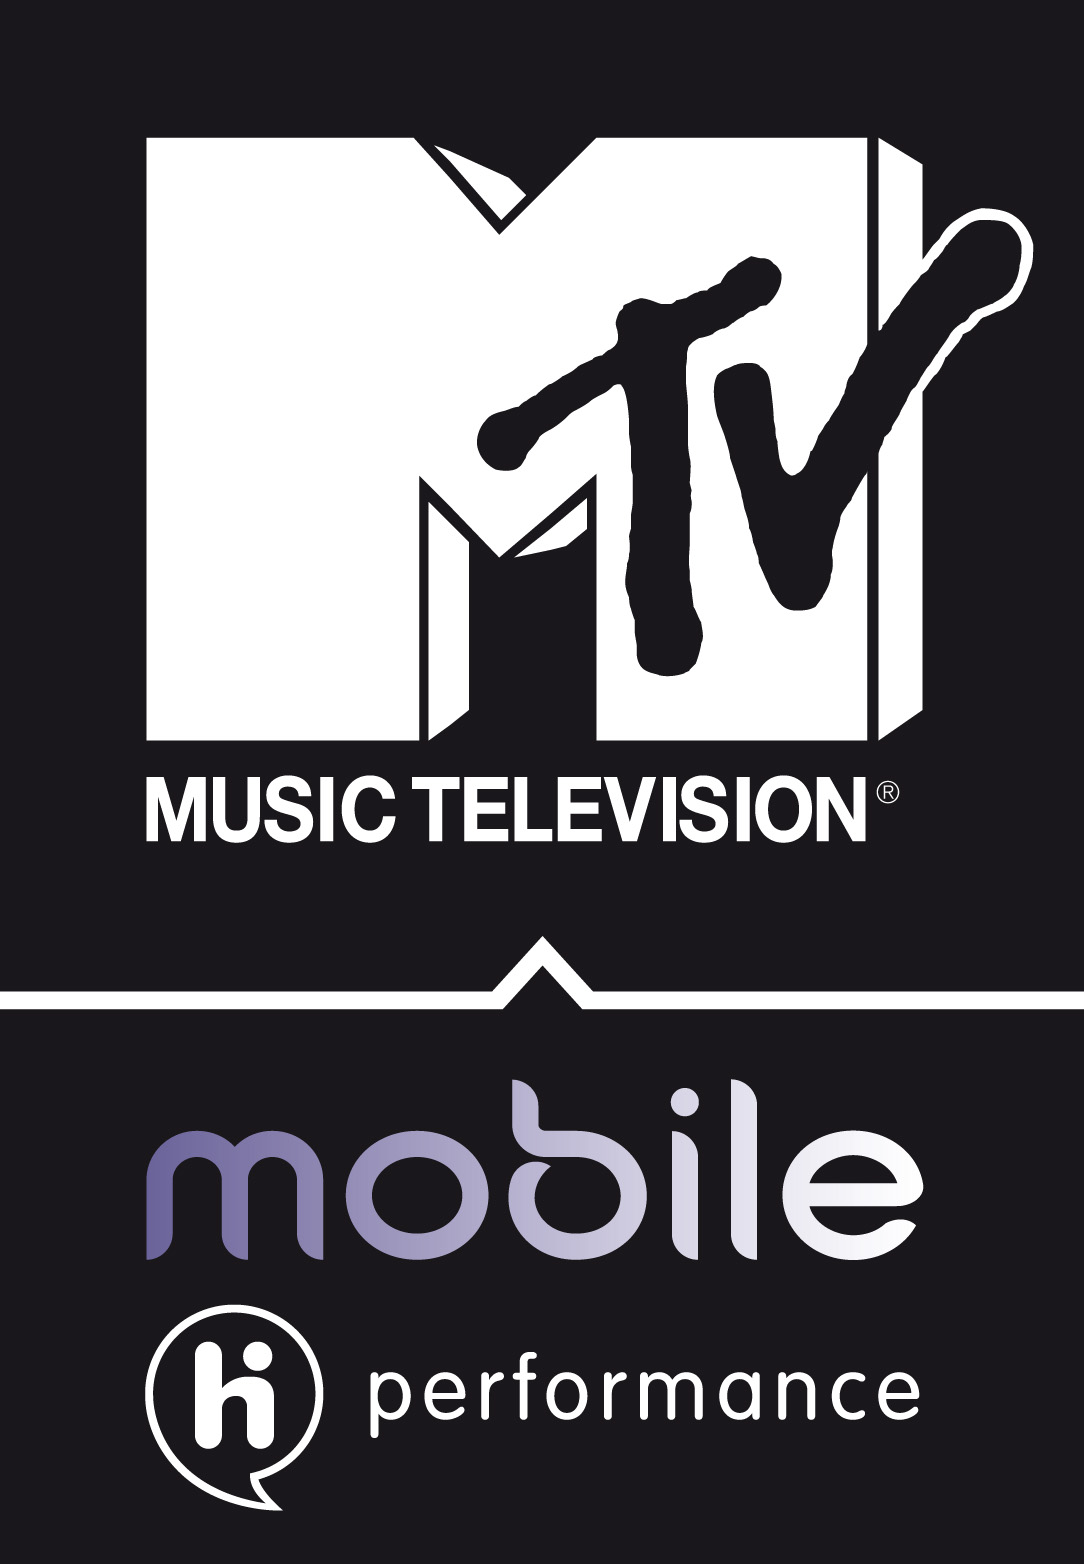 Programas para celulares - MTV Mobile para Nokia : Programas para ...